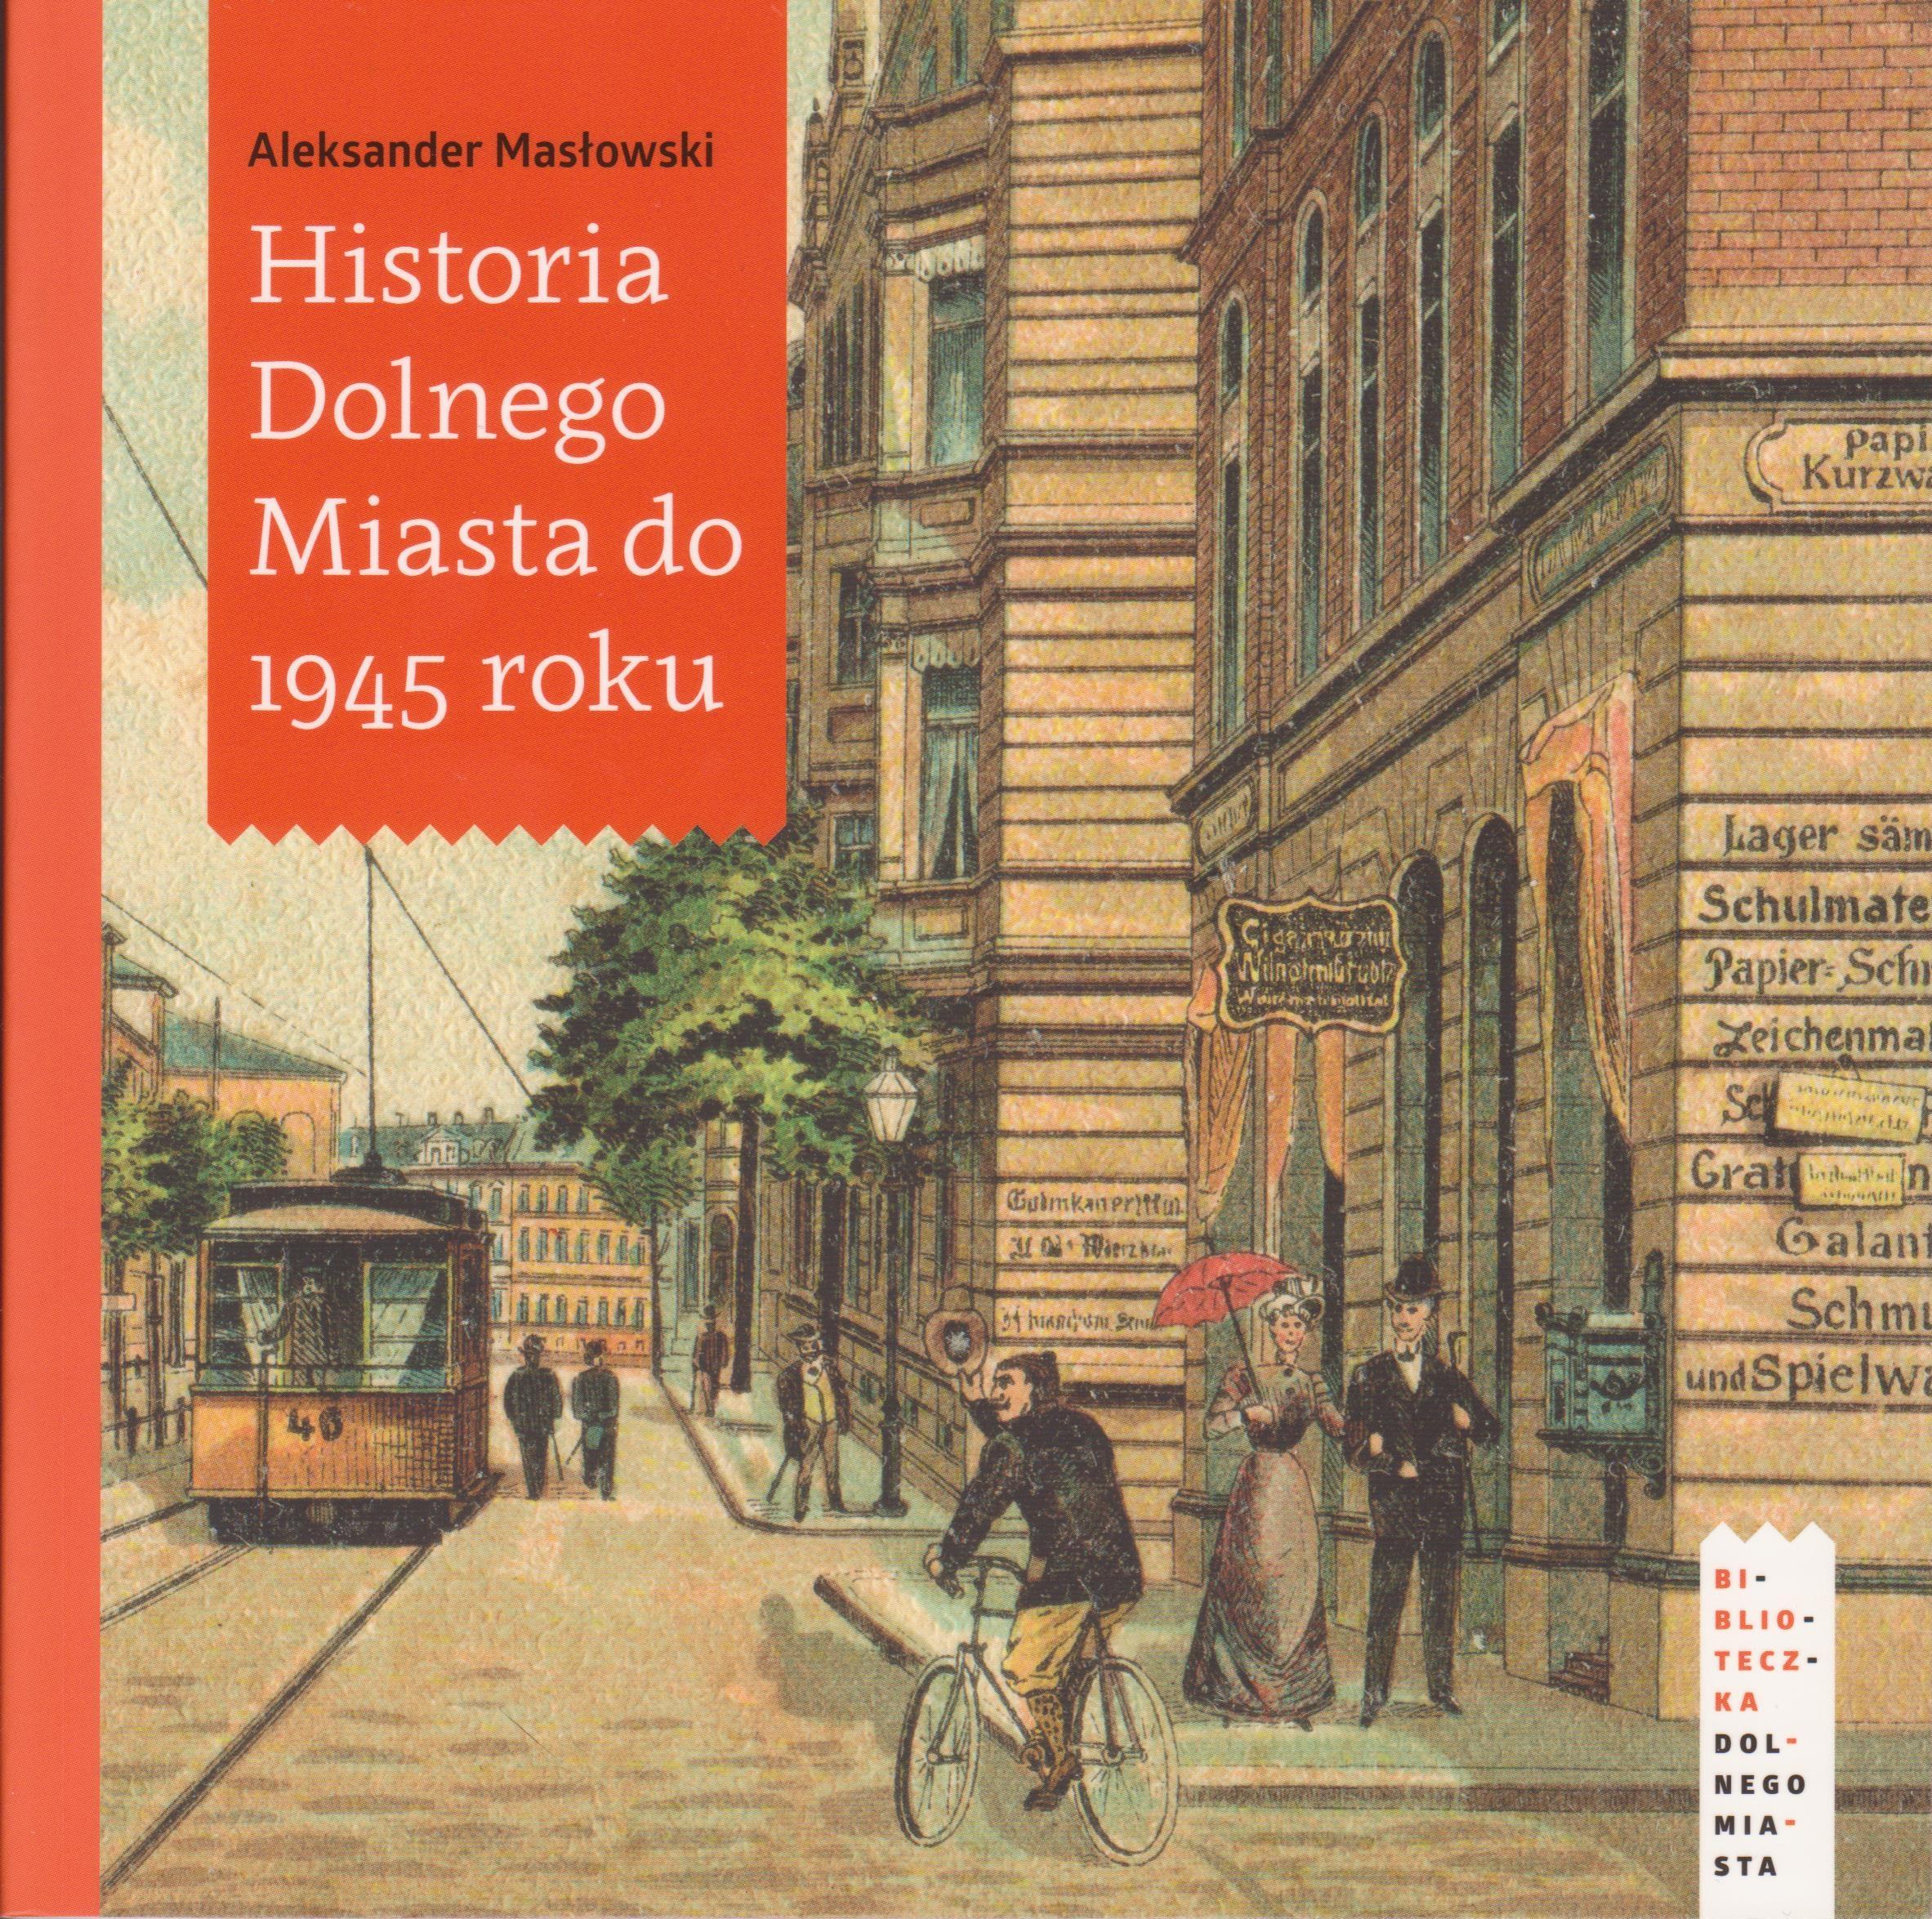 Aleksander Masłowski - Historia Dolnego Miasta do roku 1945 (okładka)